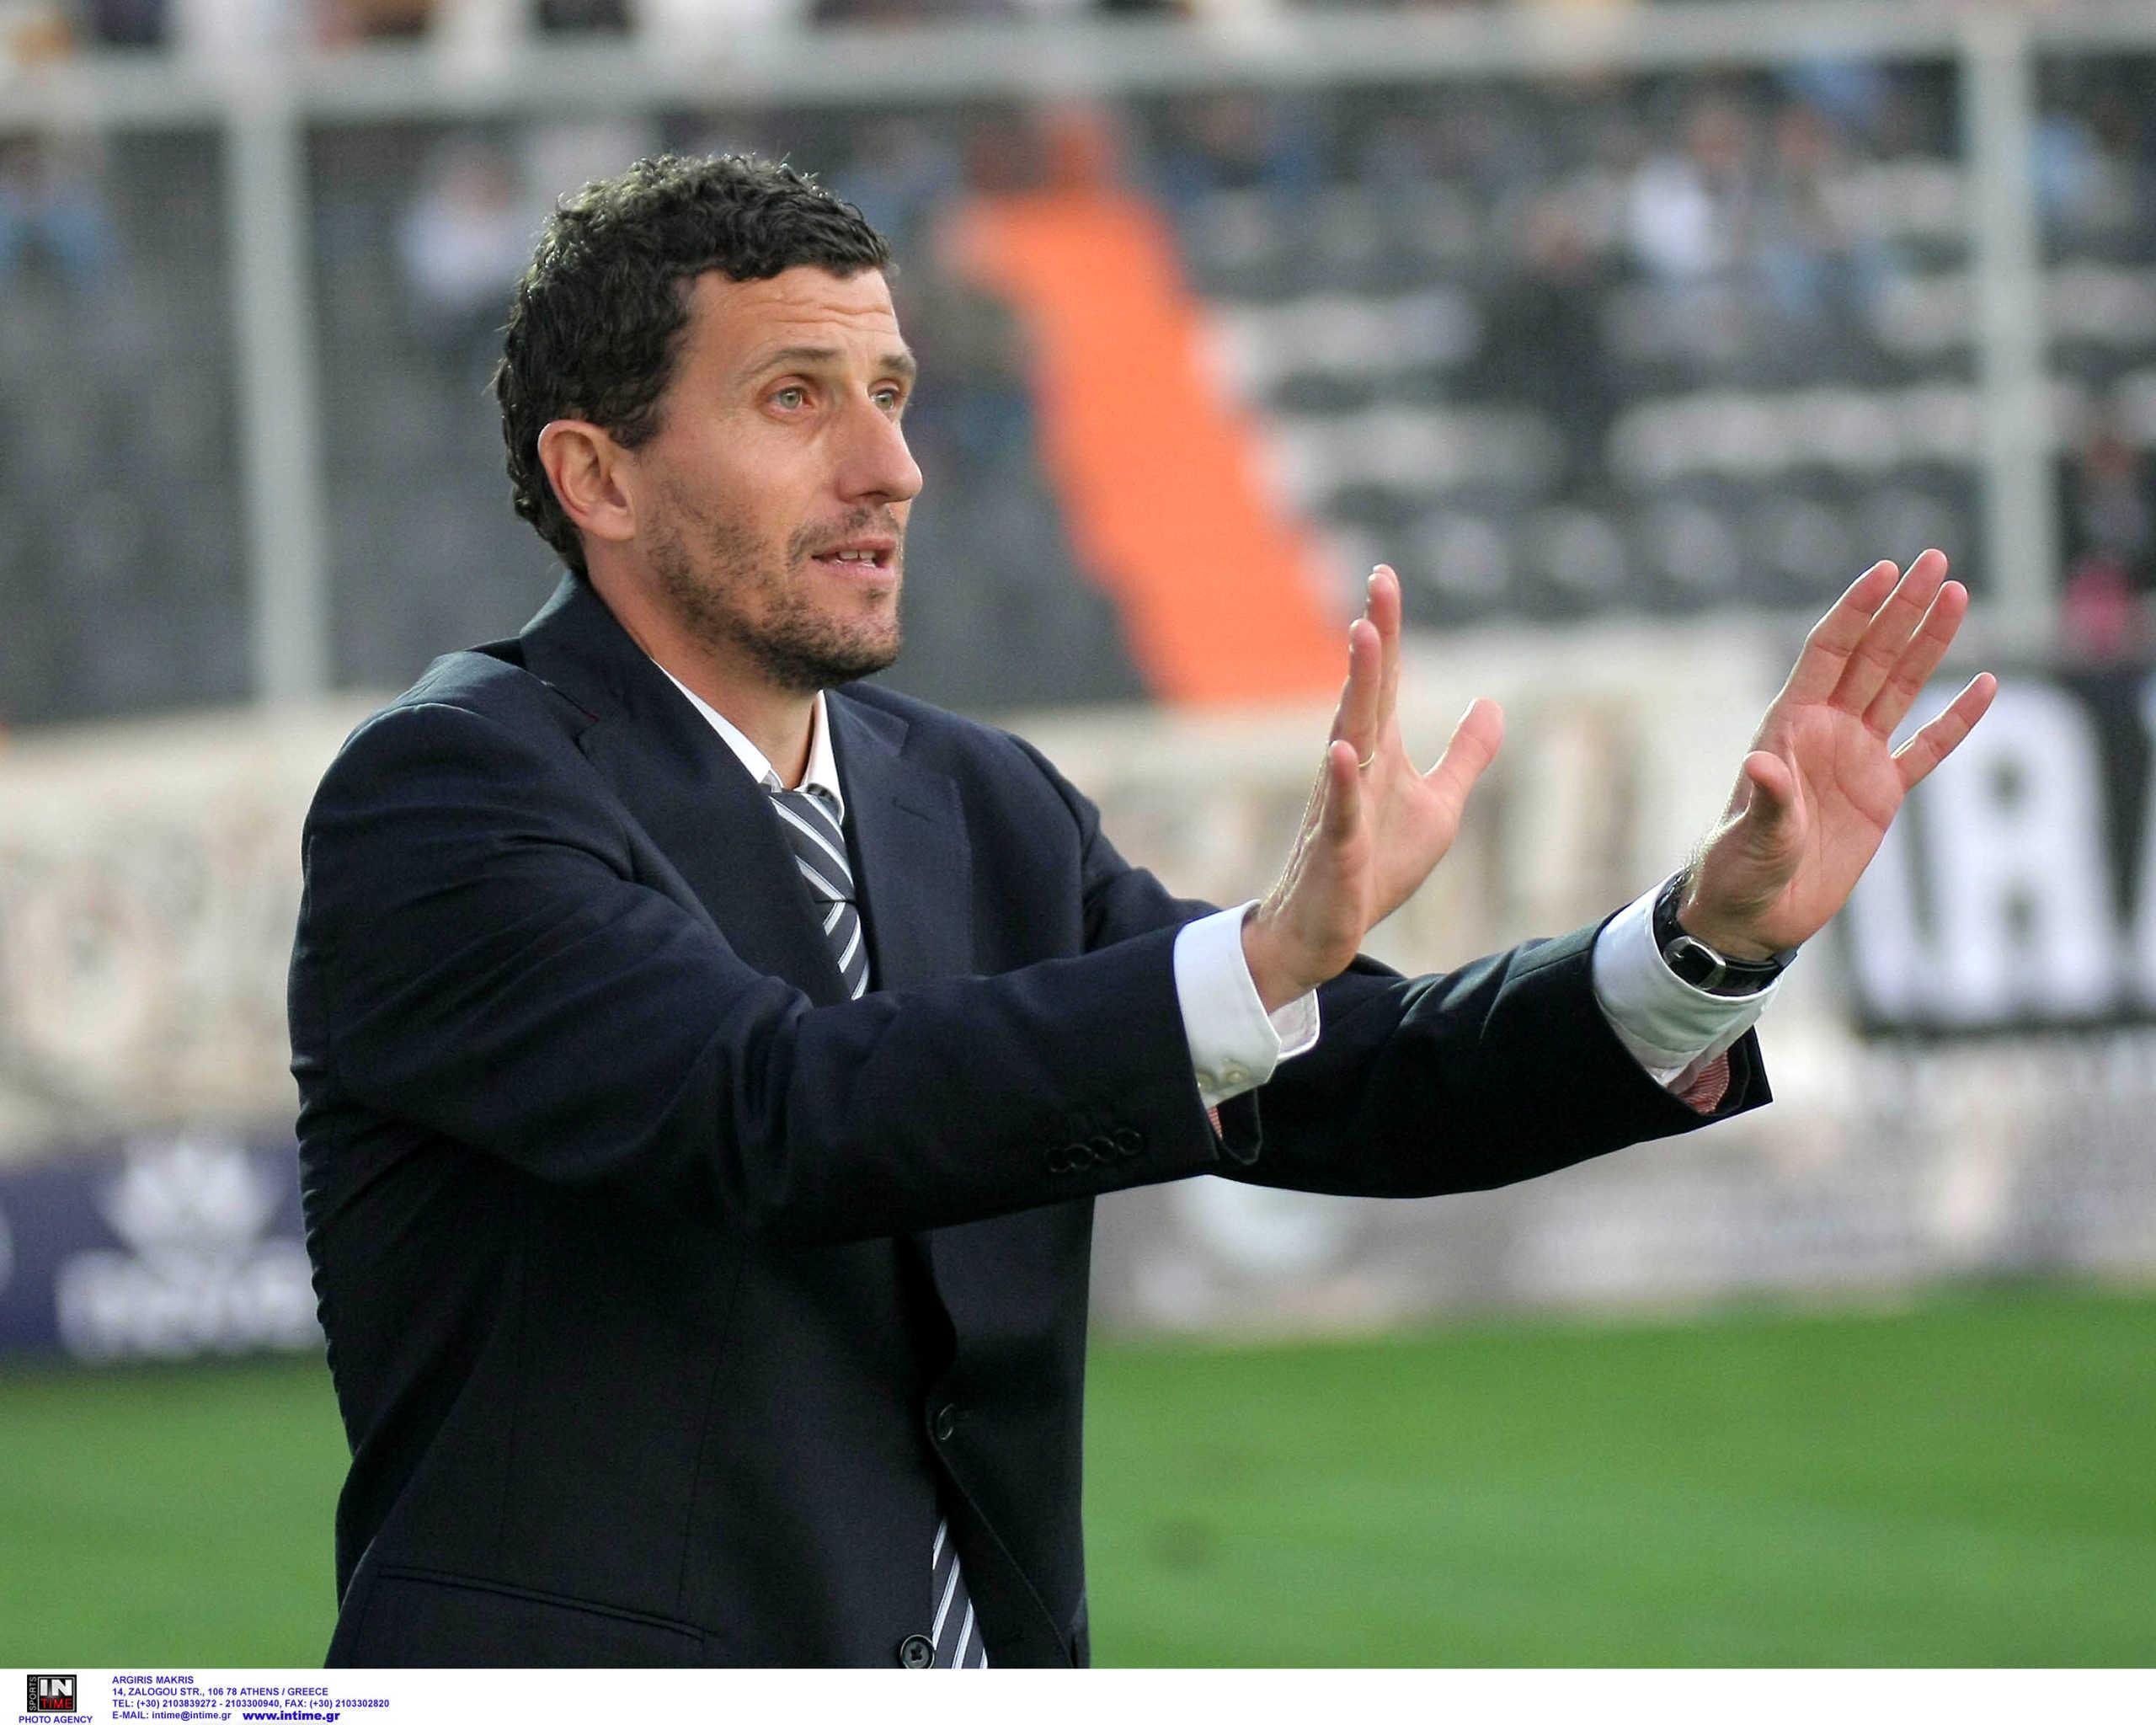 Πρώην προπονητής της Κέρκυρας αναλαμβάνει κορυφαία ομάδα στην Ισπανία